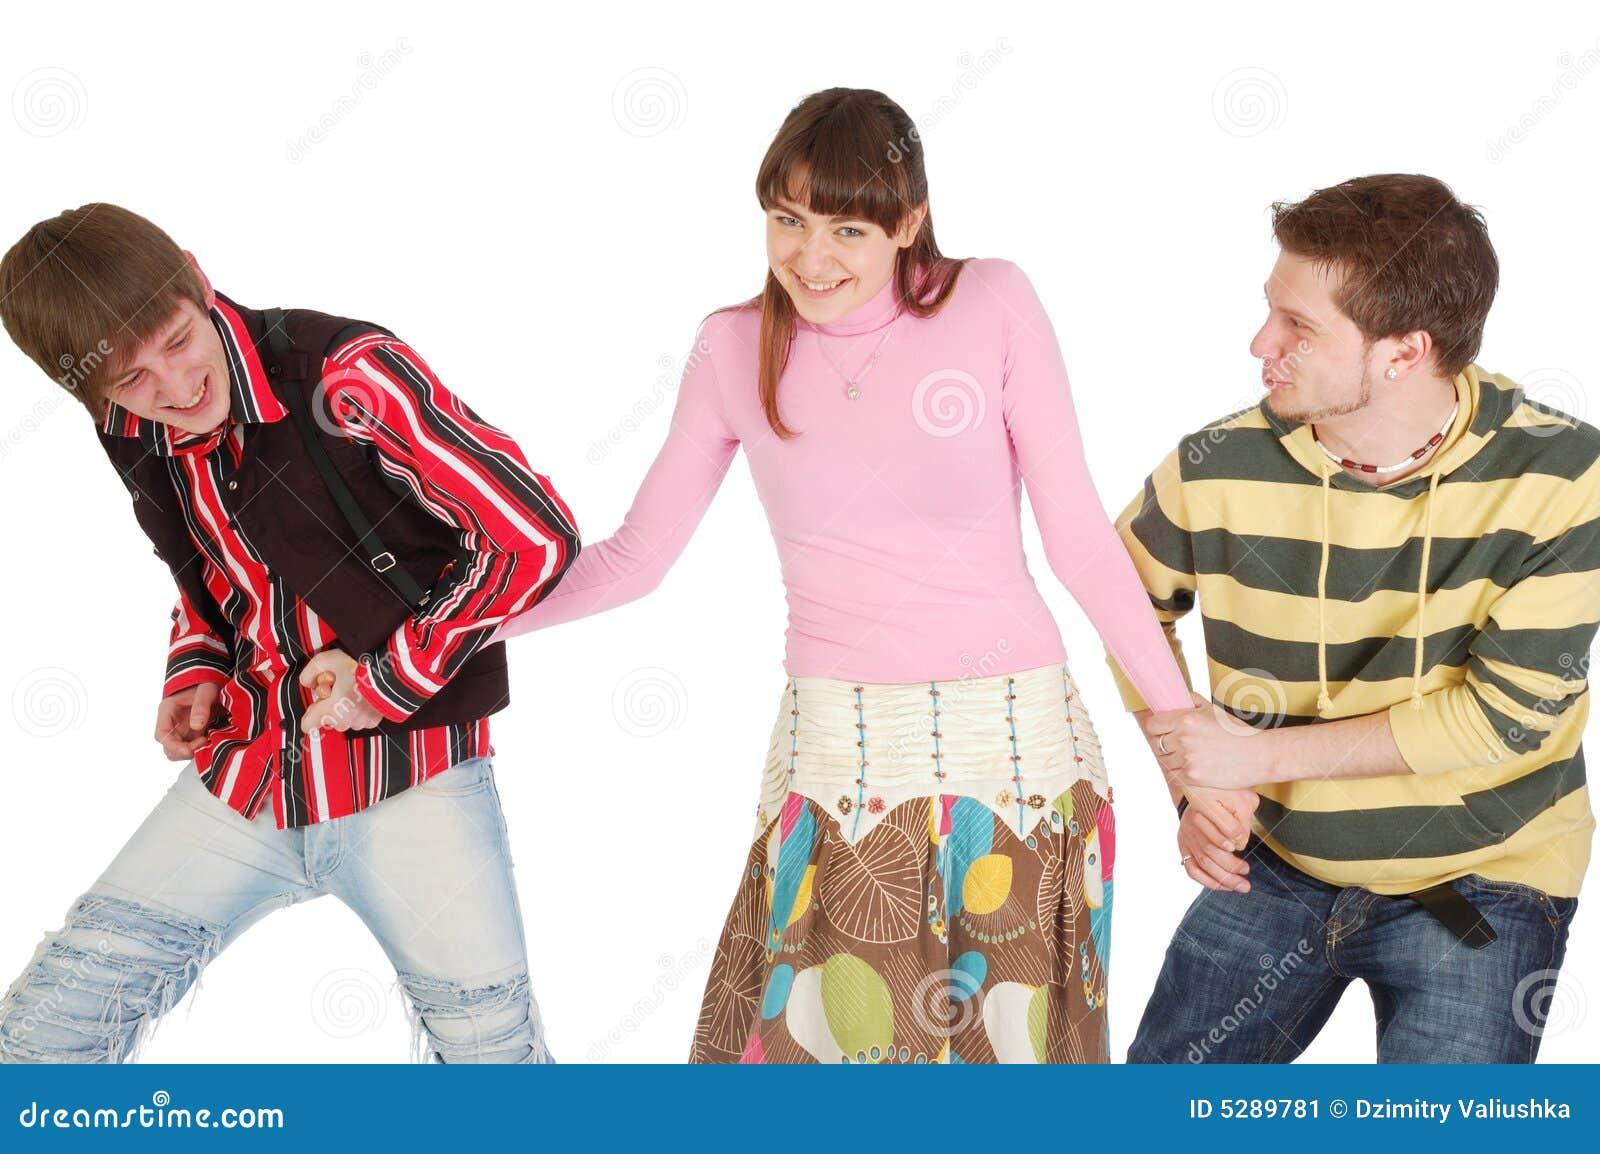 Zwei jungen ziehen m dchen in den verschiedenen richtungen durch stockbild bild 5289781 - Deco slaapkamer meisje en jongen ...